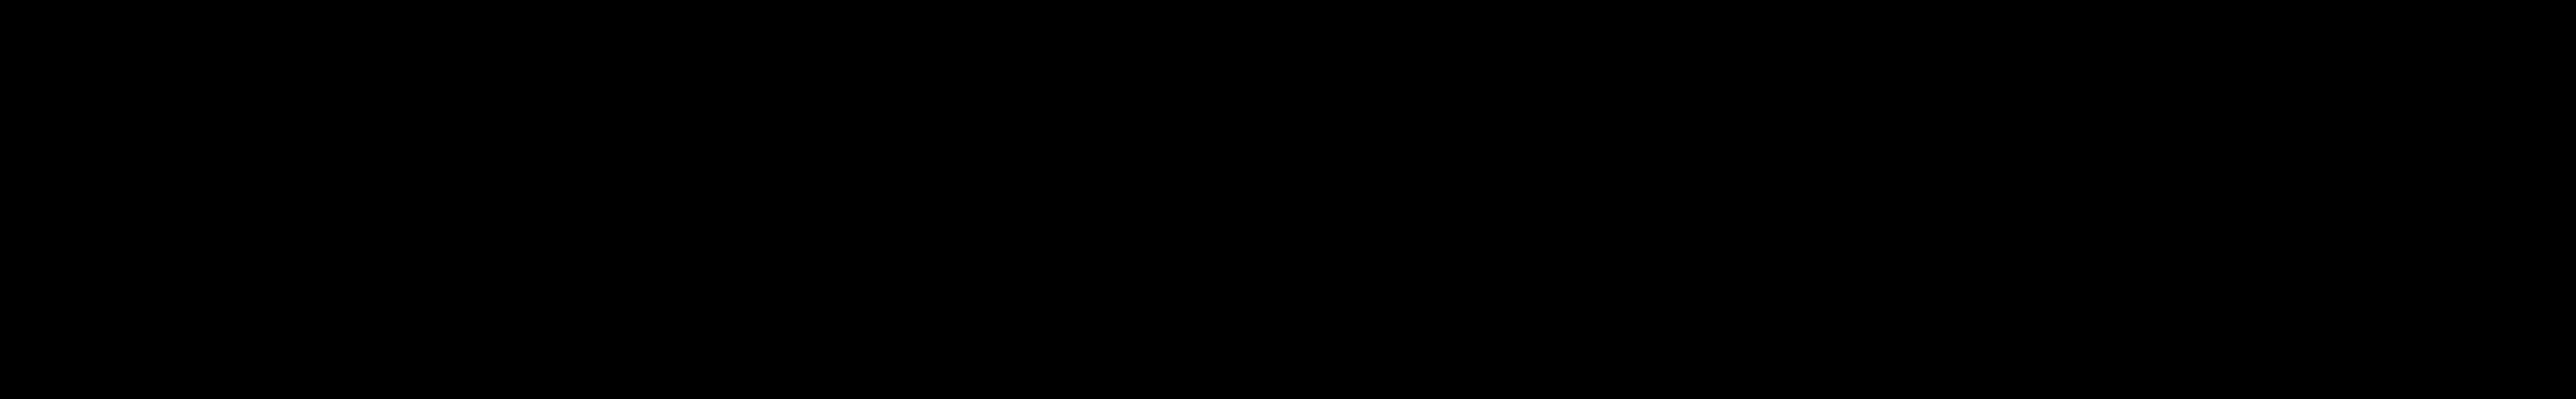 Marni_logo